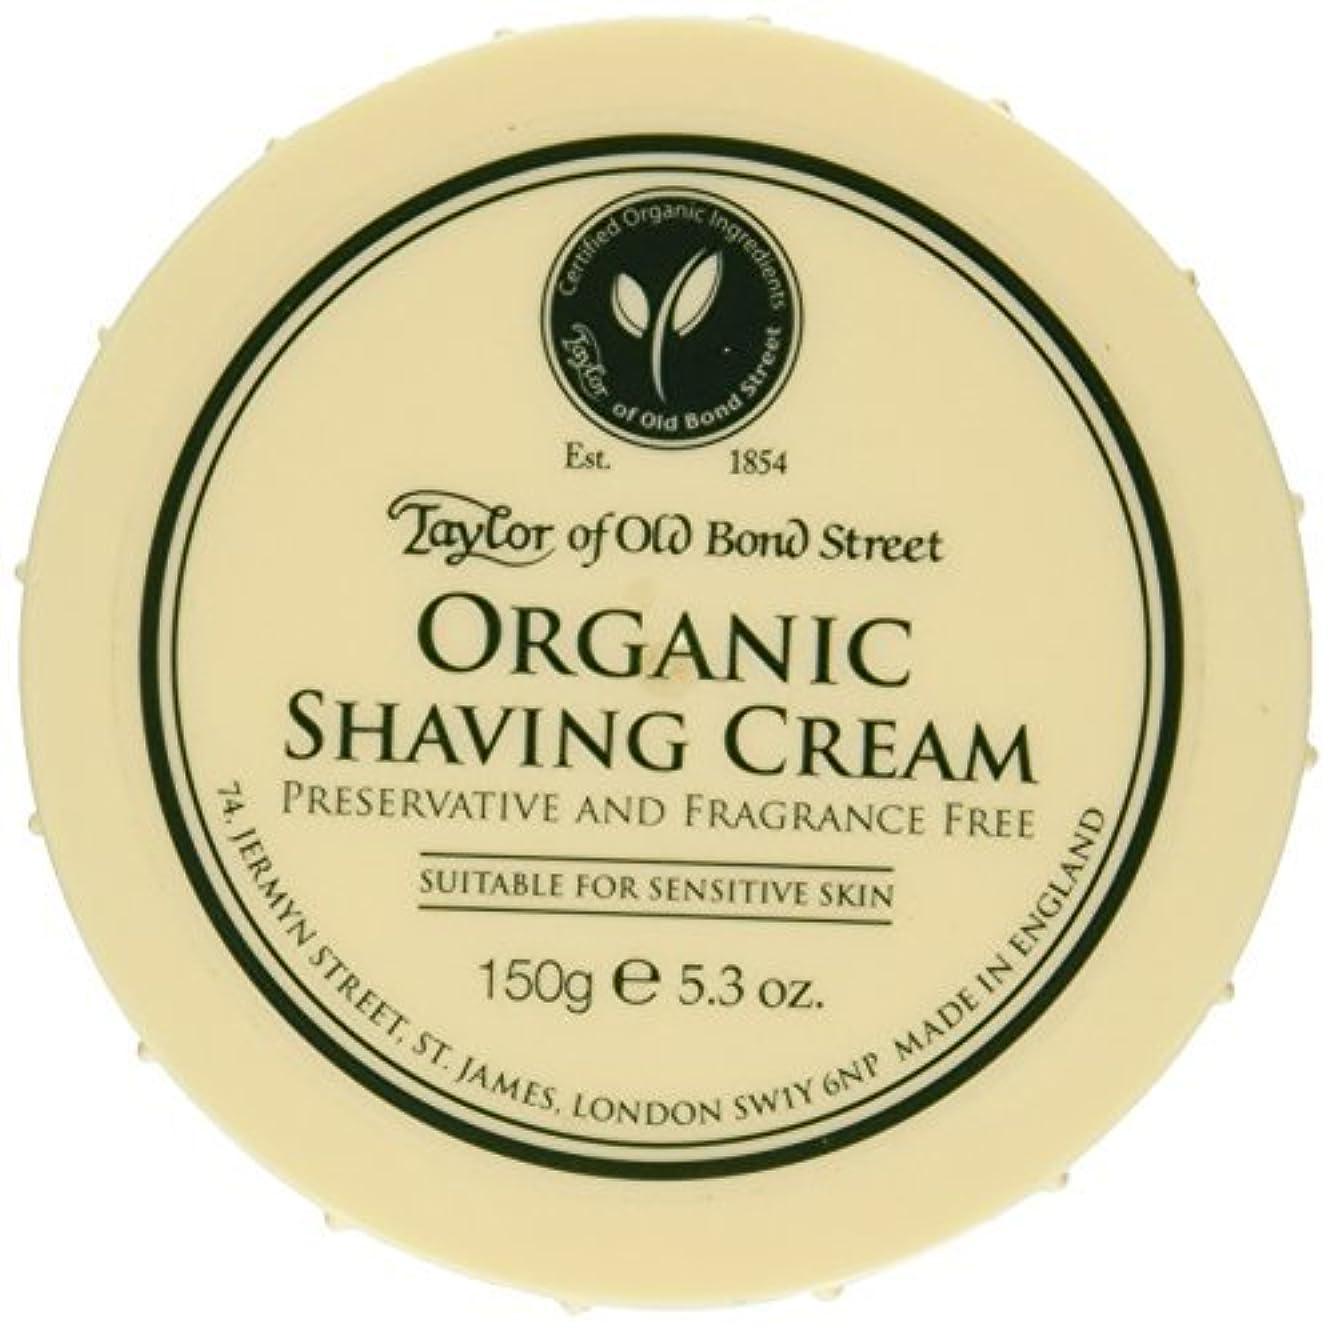 船尾地獄遠洋のTaylor of Old Bond Street Organic Shaving Cream Bowl 150 g by Taylor of Old Bond Street [並行輸入品]